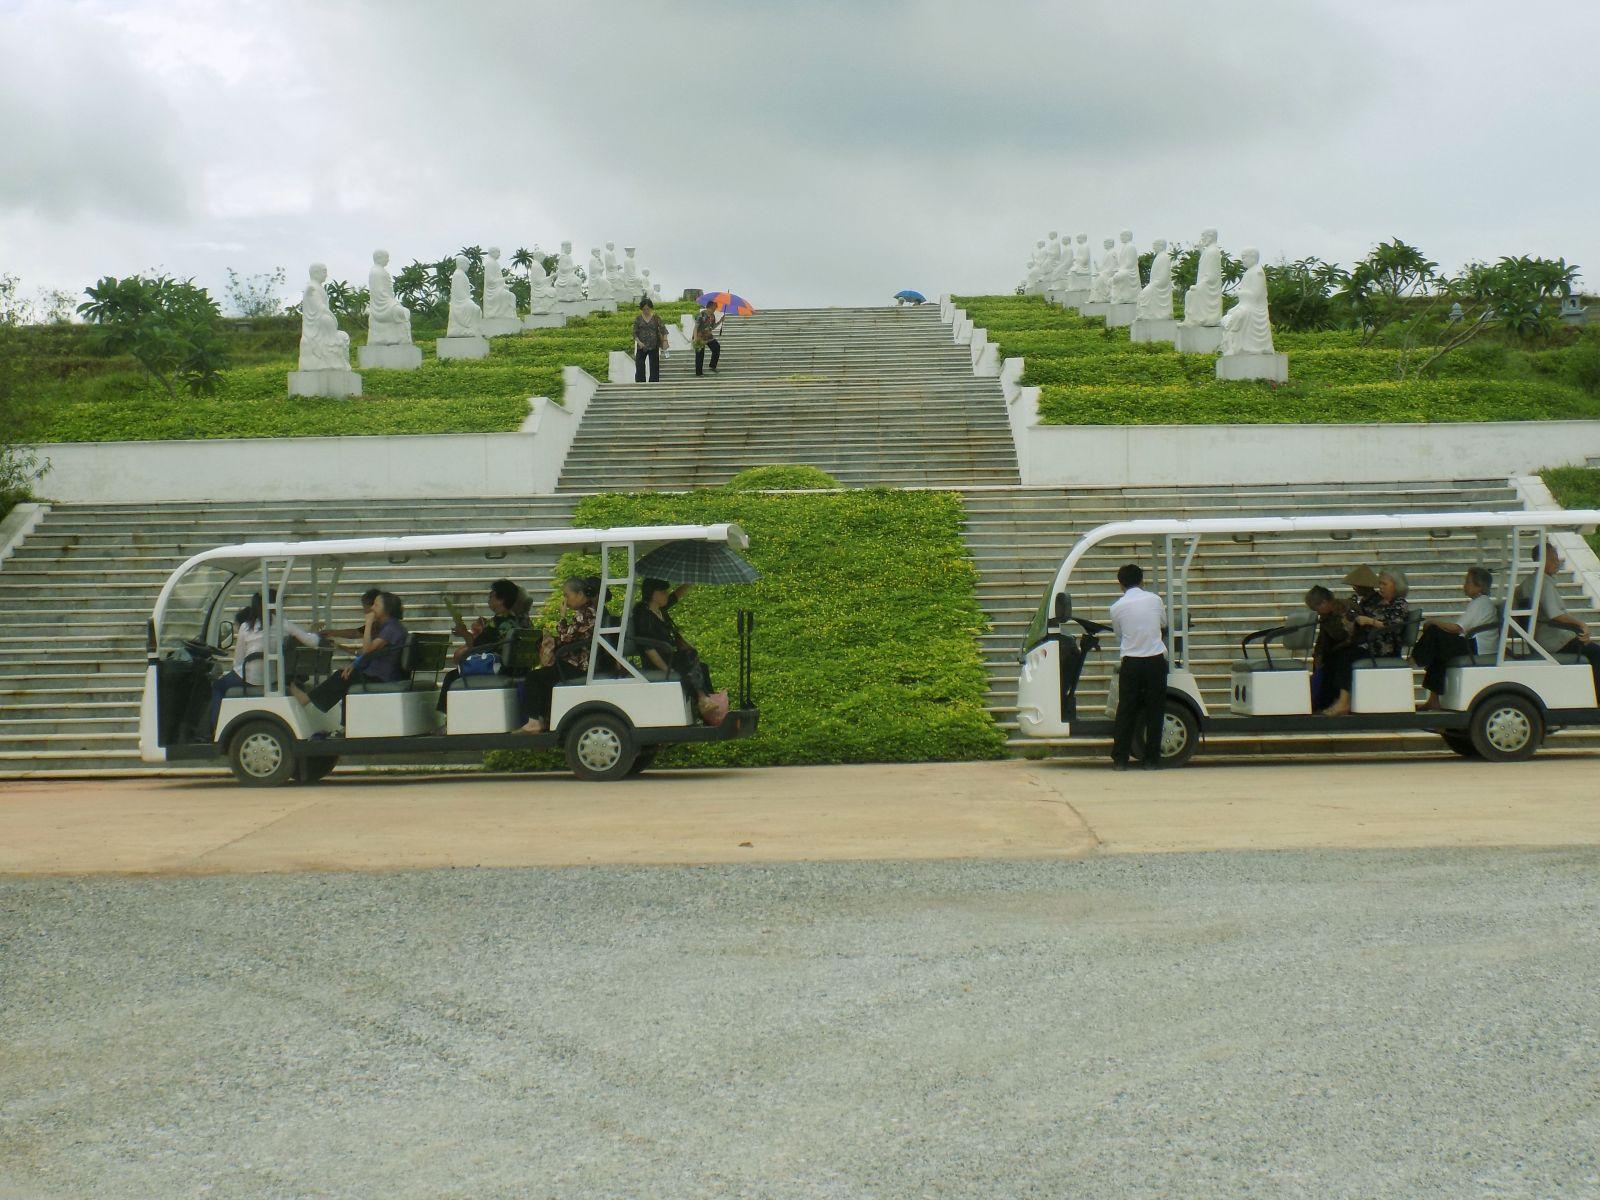 Hệ thống xe điện đưa đón khách thăm quan hoàn toàn miễn phí